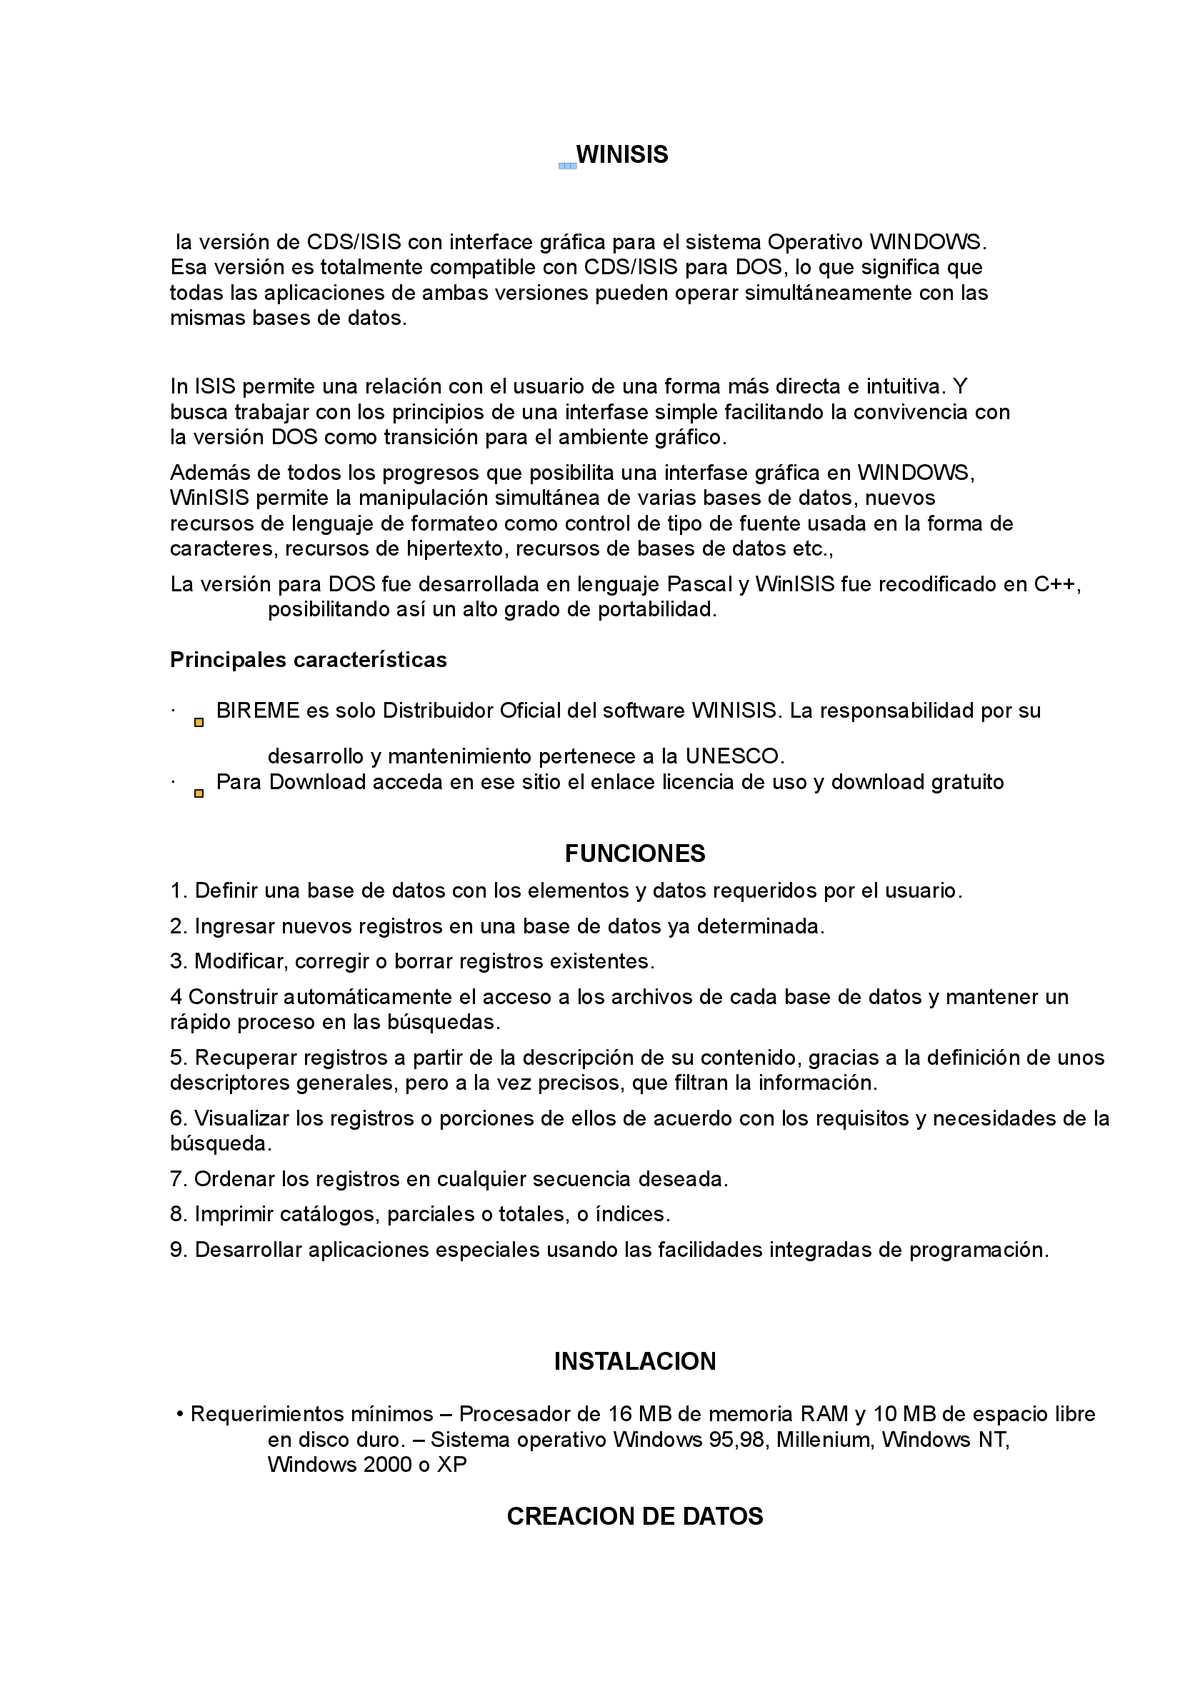 GRATUIT UNESCO TÉLÉCHARGER WINISIS